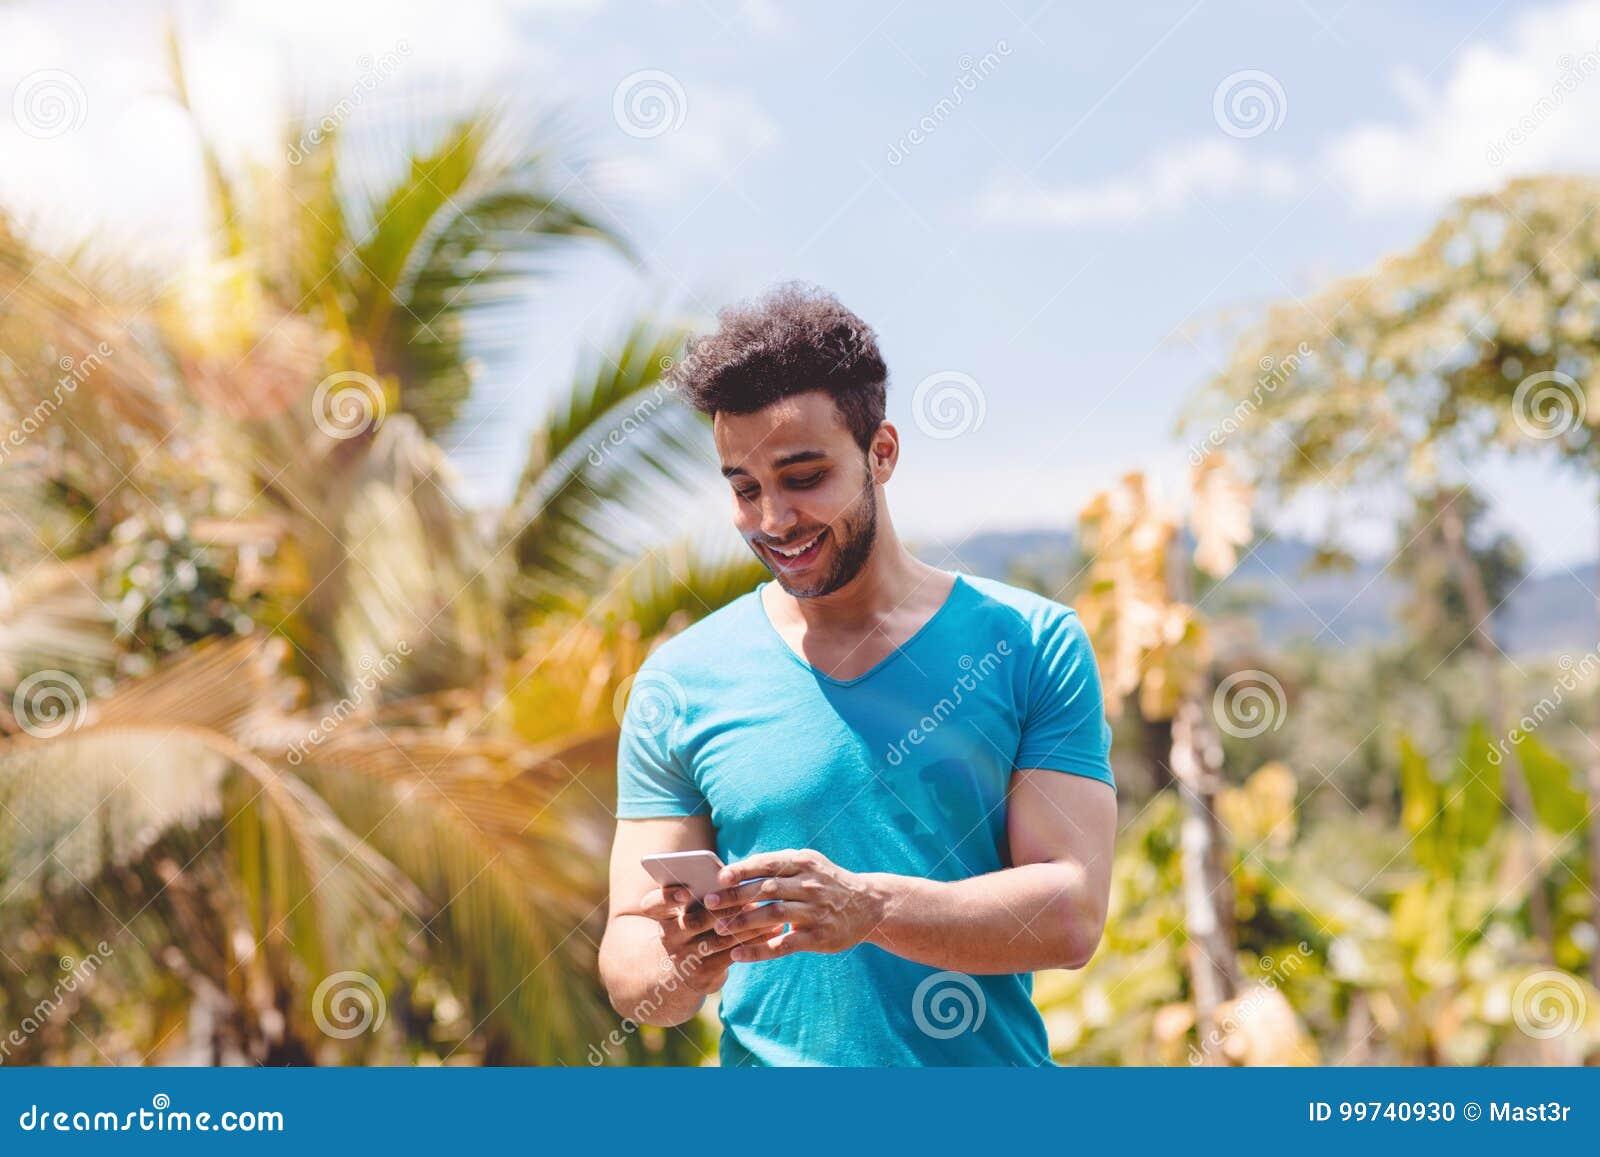 Mensagem latino considerável do homem com o telefone esperto da pilha sobre Forest Background tropical, retrato de Guy Chatting n